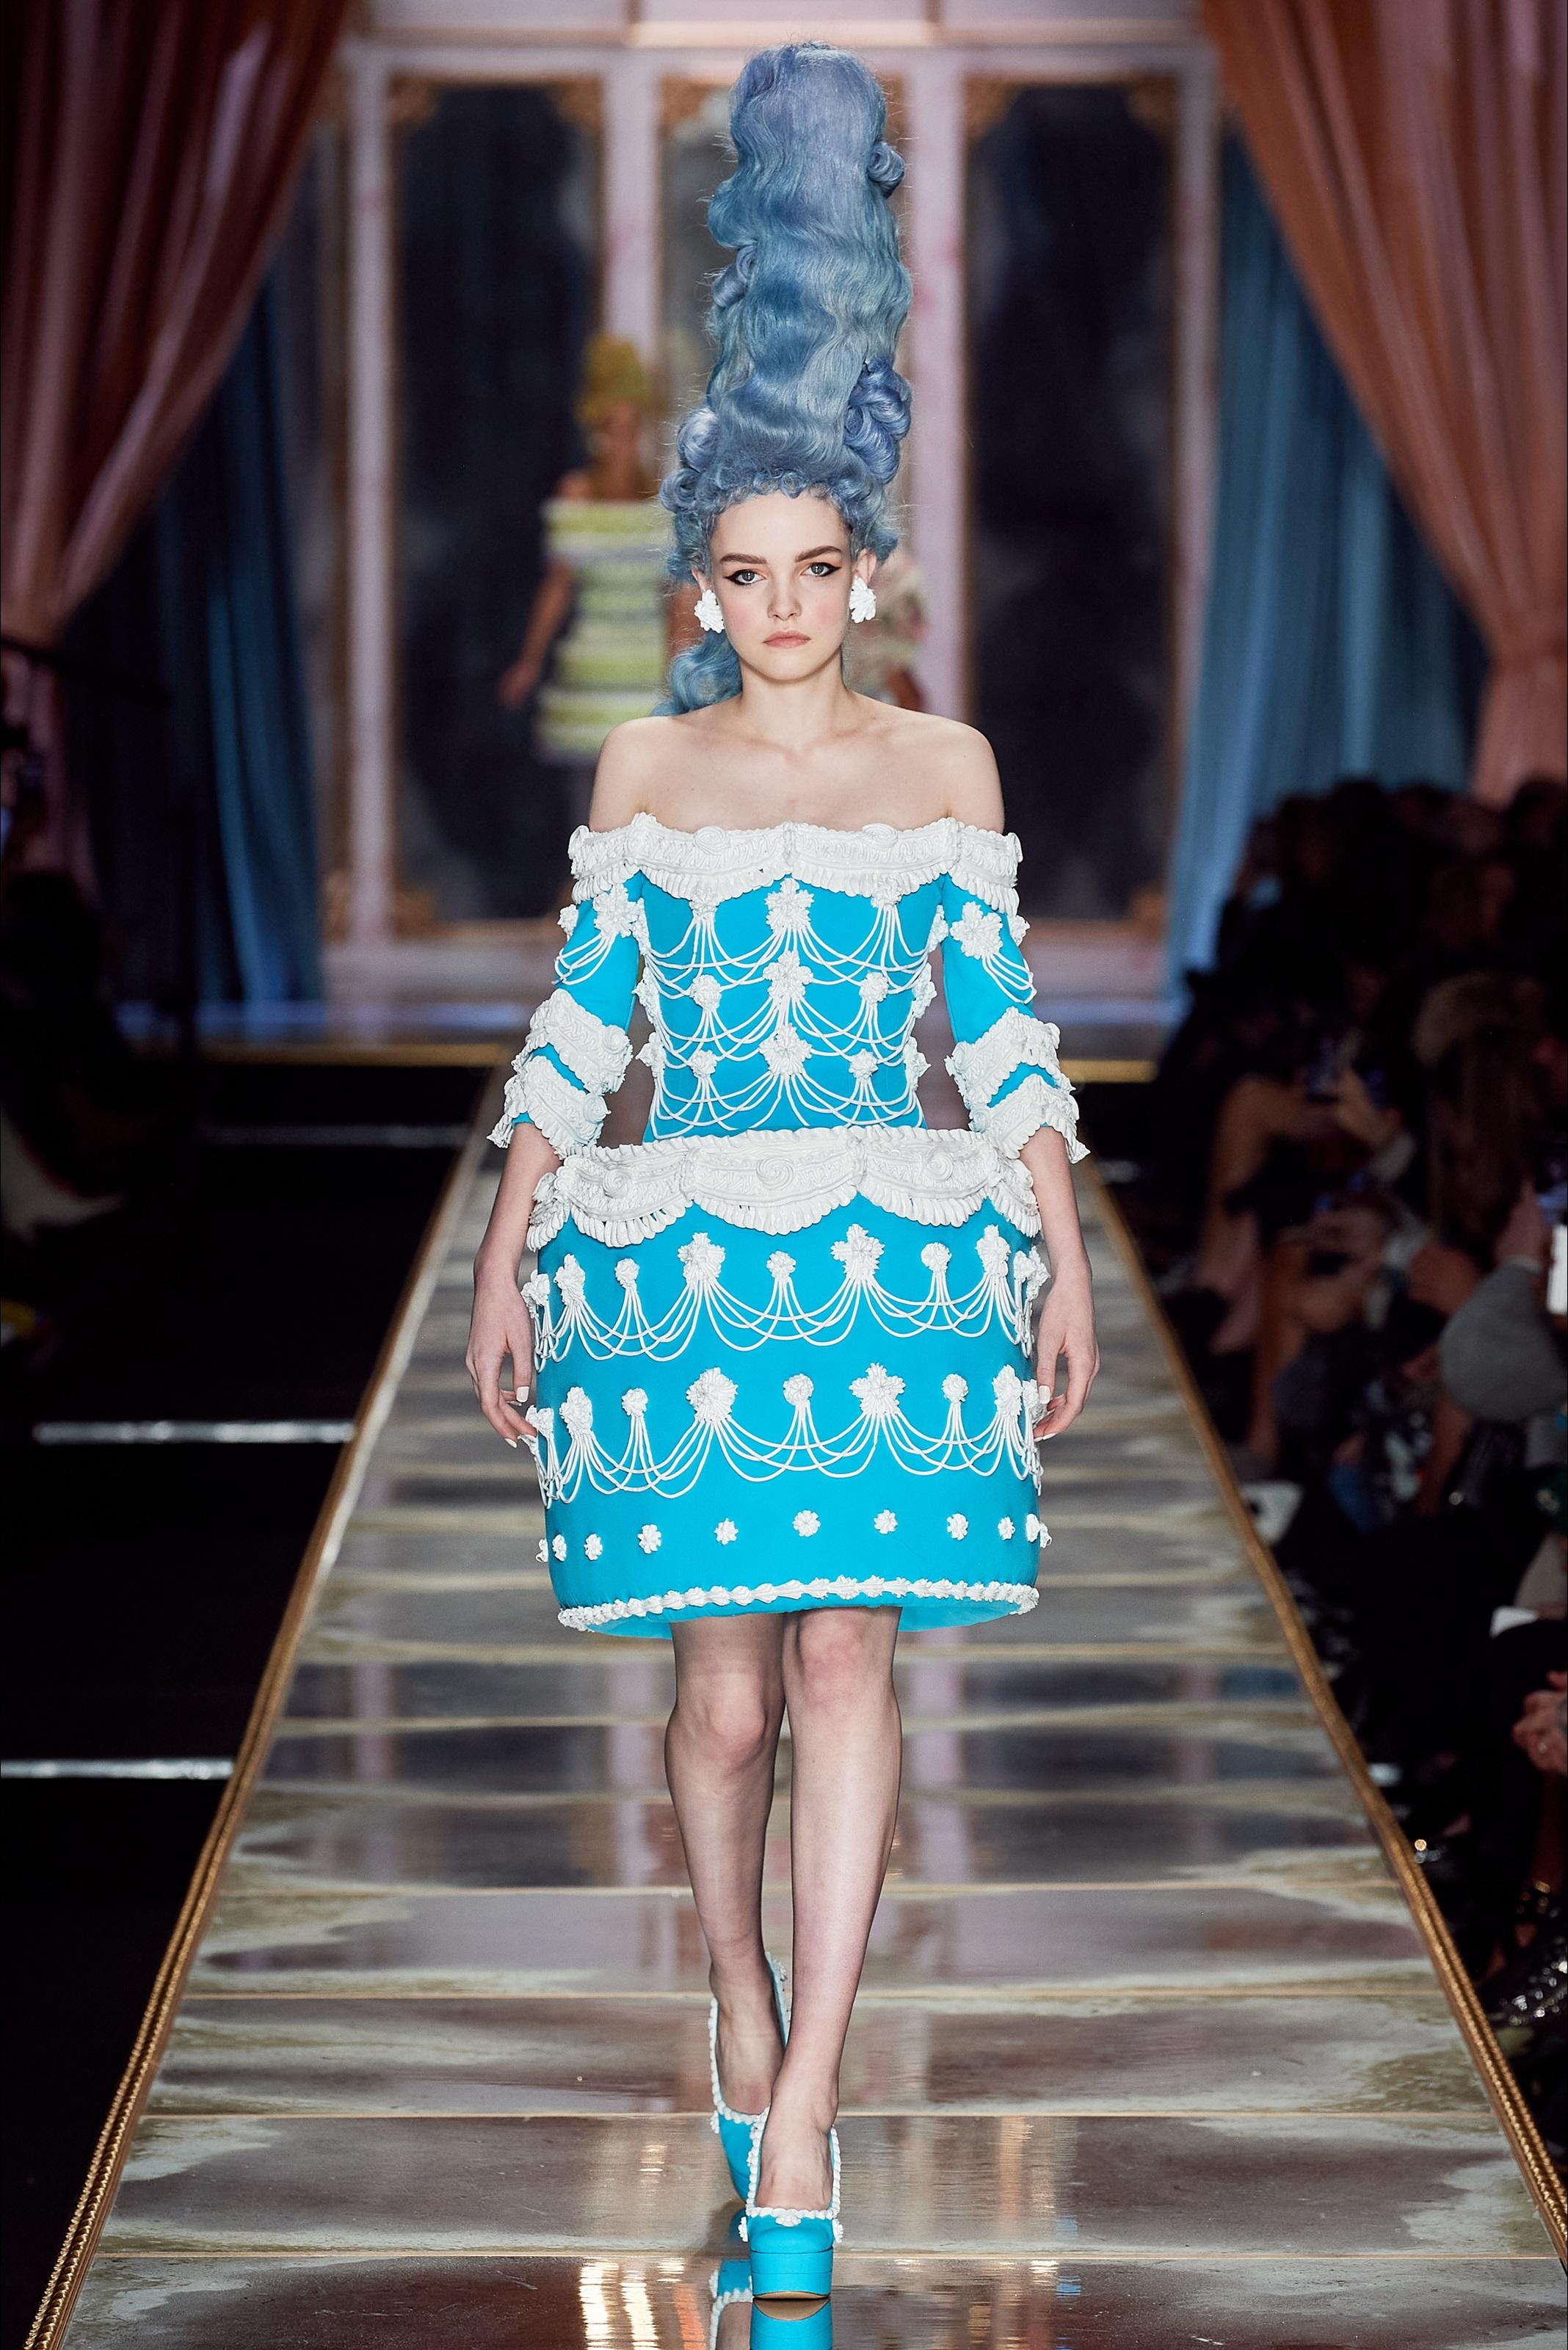 Vestiti a forma di torta Moschino - neomag.